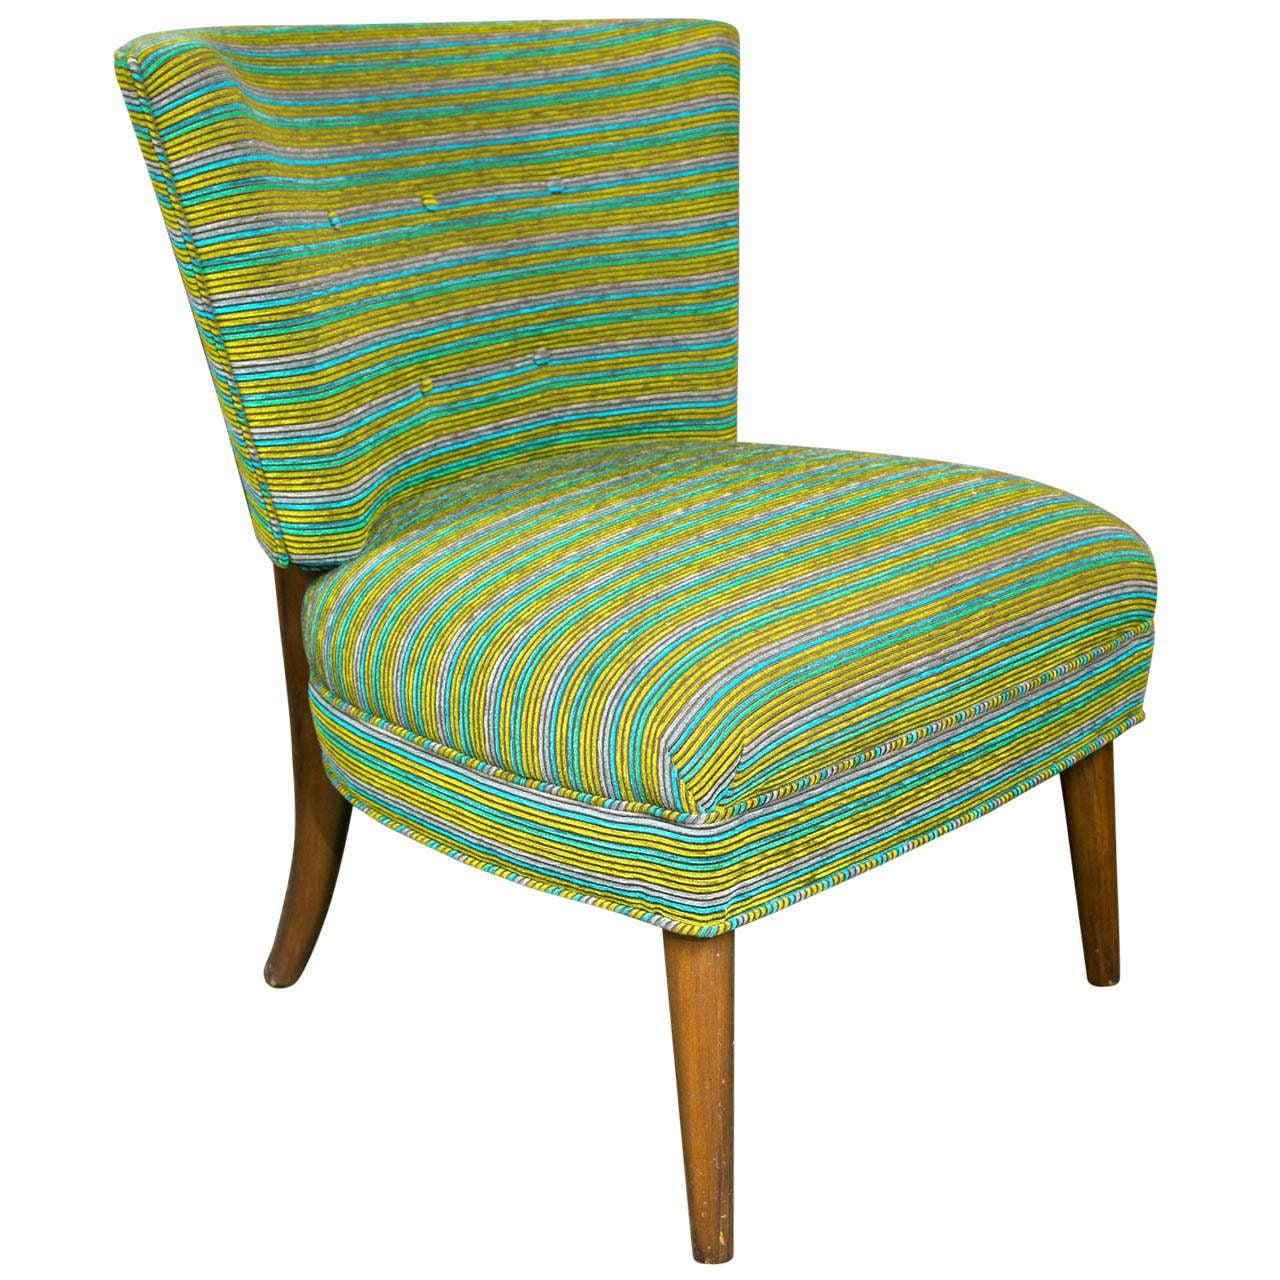 Midcentury modern slipper chair for sale at 1stdibs for Slipper chair